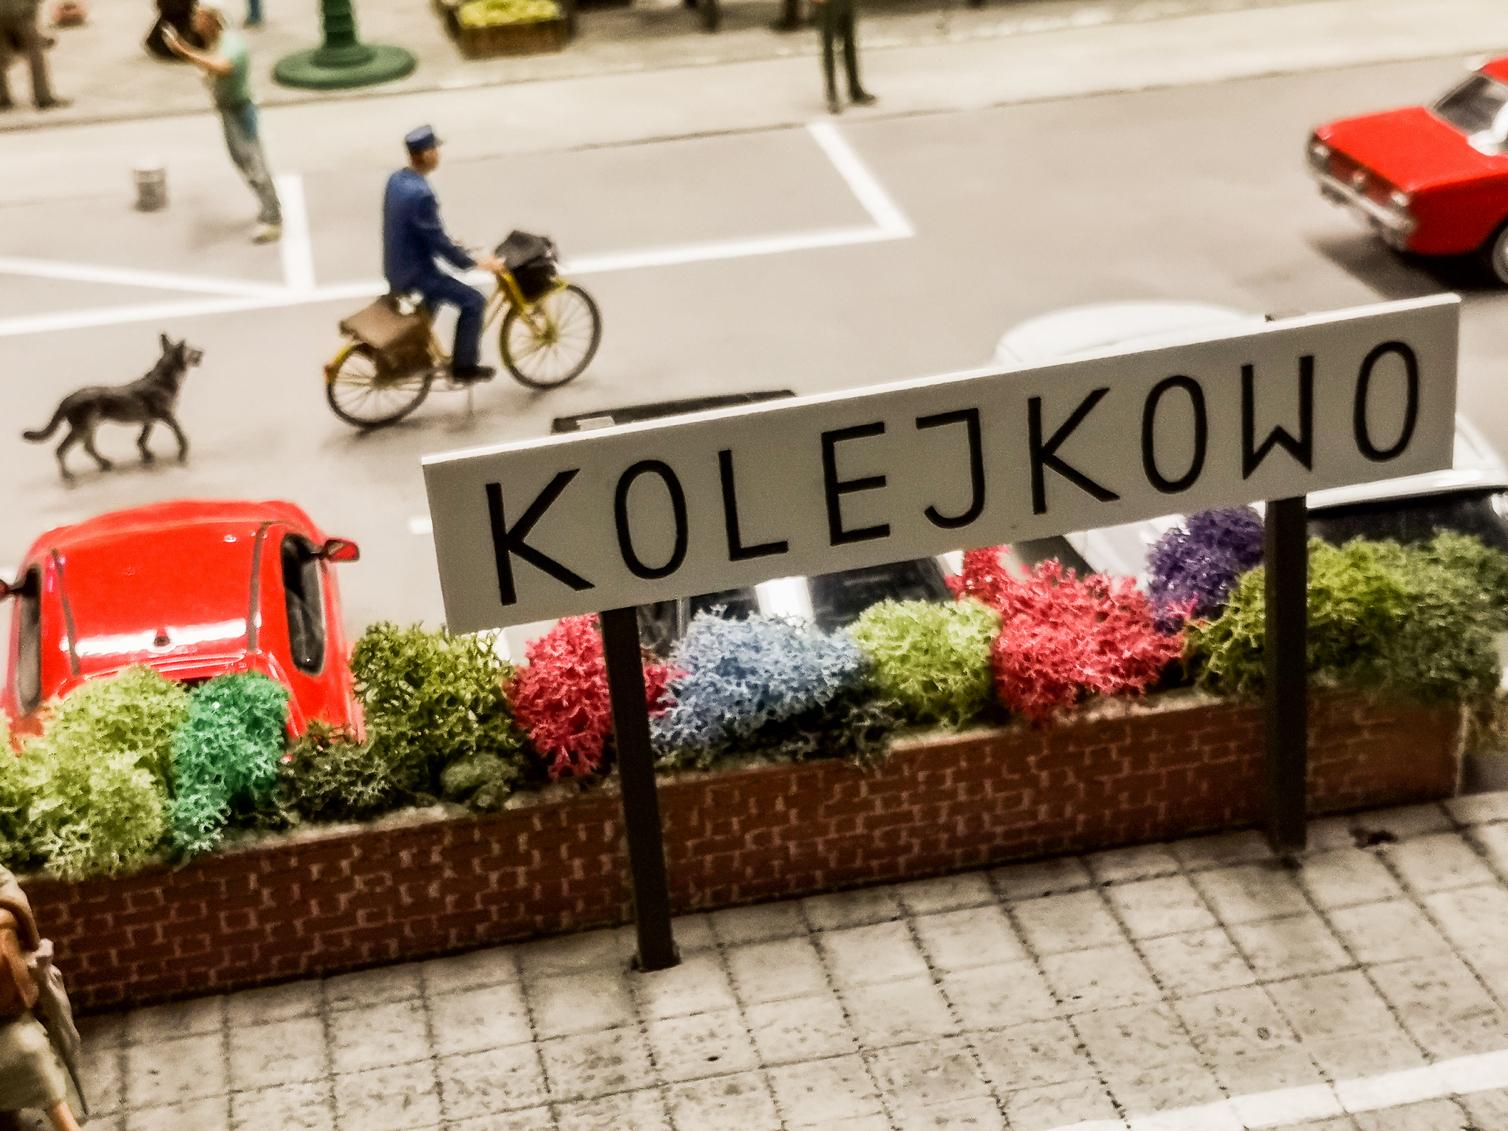 Z dzieckiem do Wrocławia, czyli Kolejkowo - obowiązkowo!